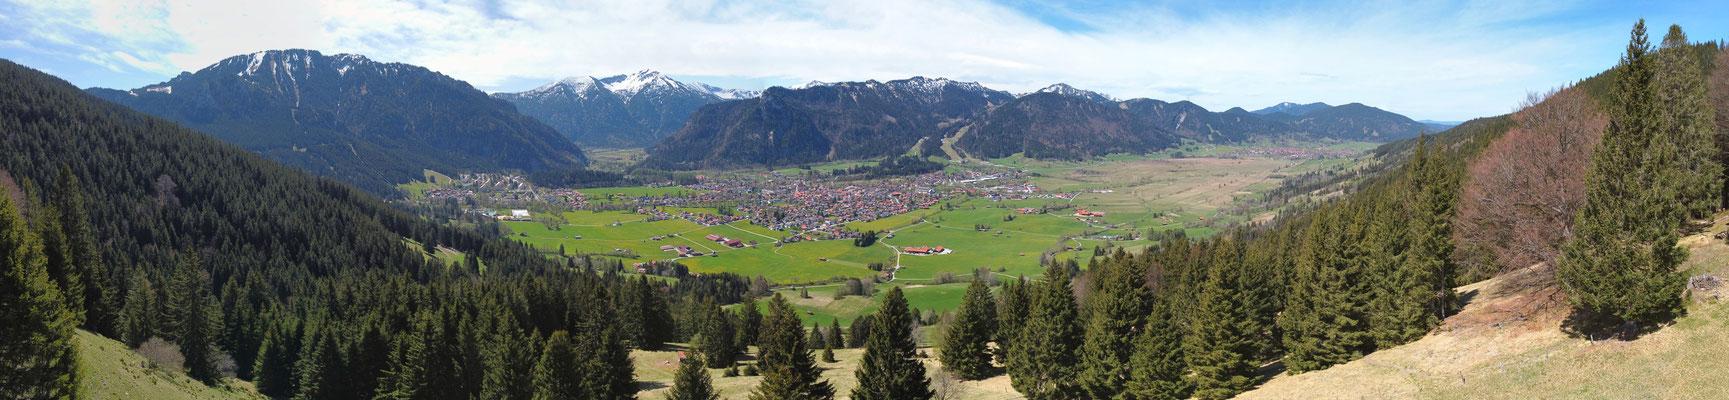 Panorama - Drohnenfoto - Landschaft - Bayern - Berge - Alpen - Sommer - Ausflug - Wanderung - Oberammergau